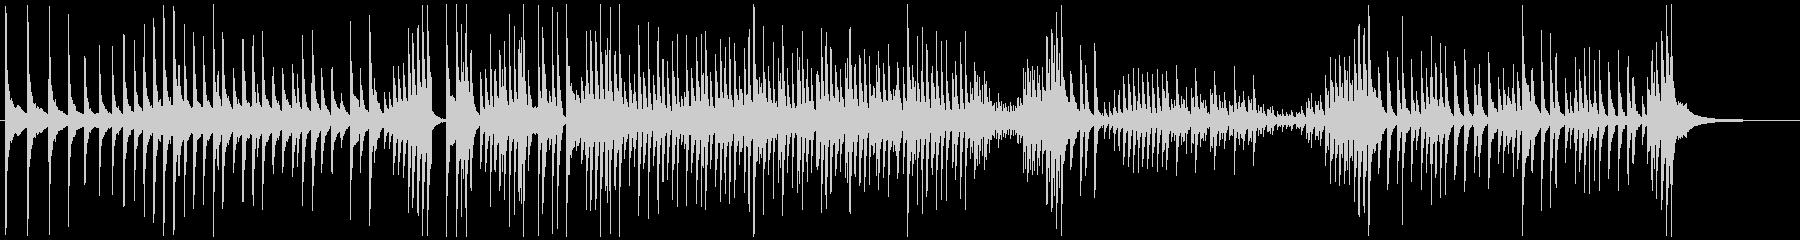 津軽三味線ソロ-F、激しい、疾走、声なしの未再生の波形